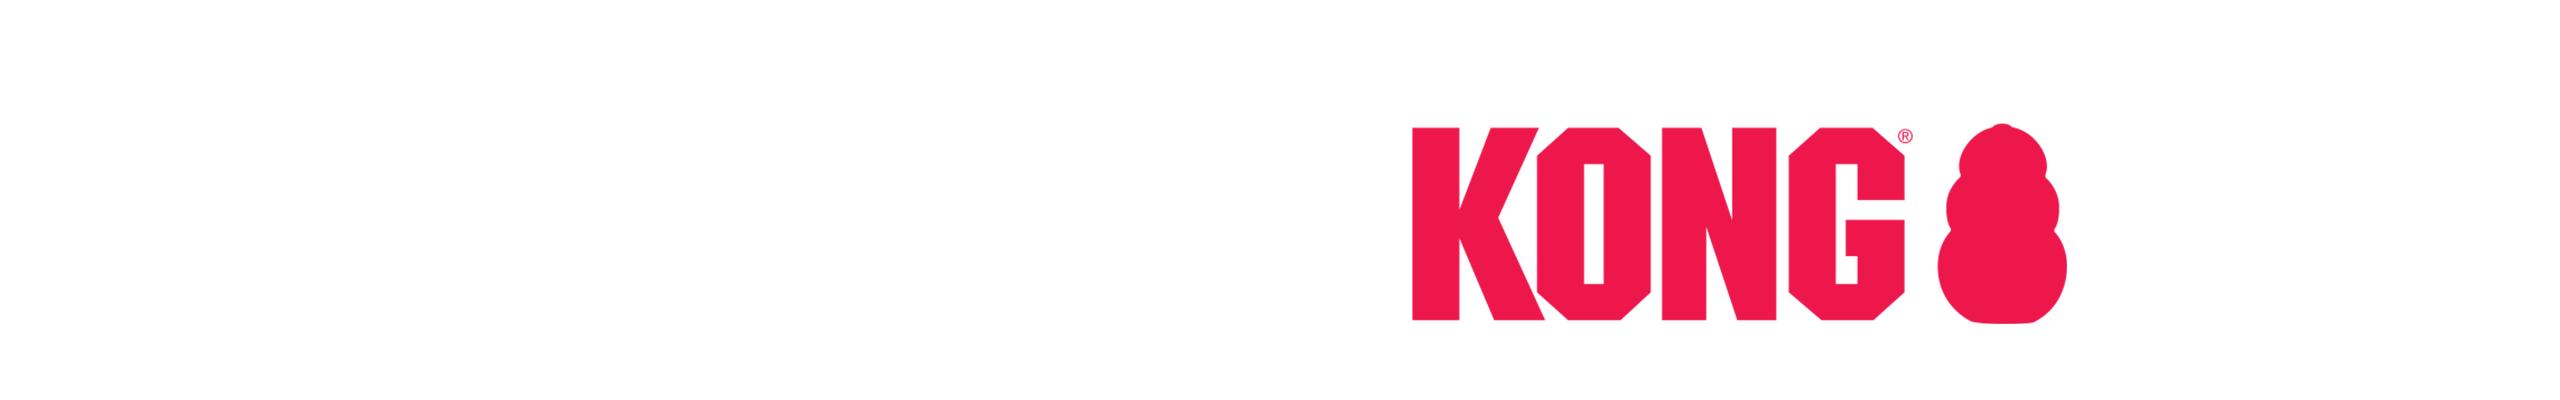 Bannière Kong